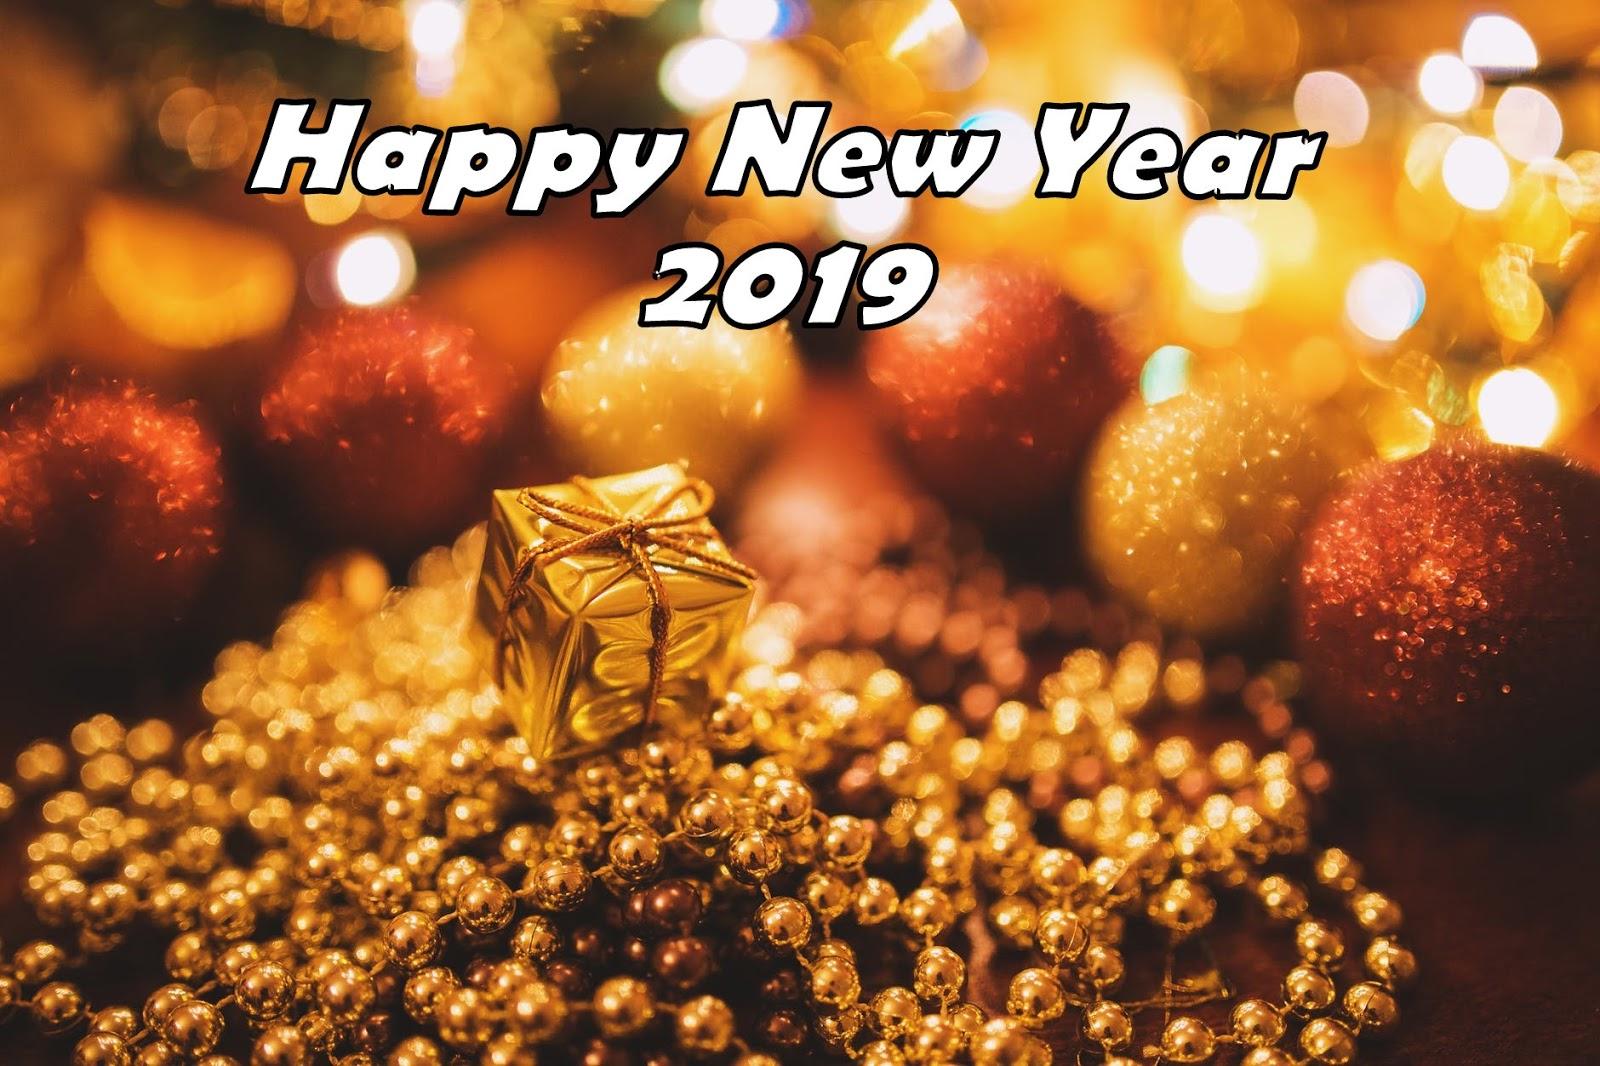 Happy New Year 2019 Whatsapp Status And Dp New Year 2019